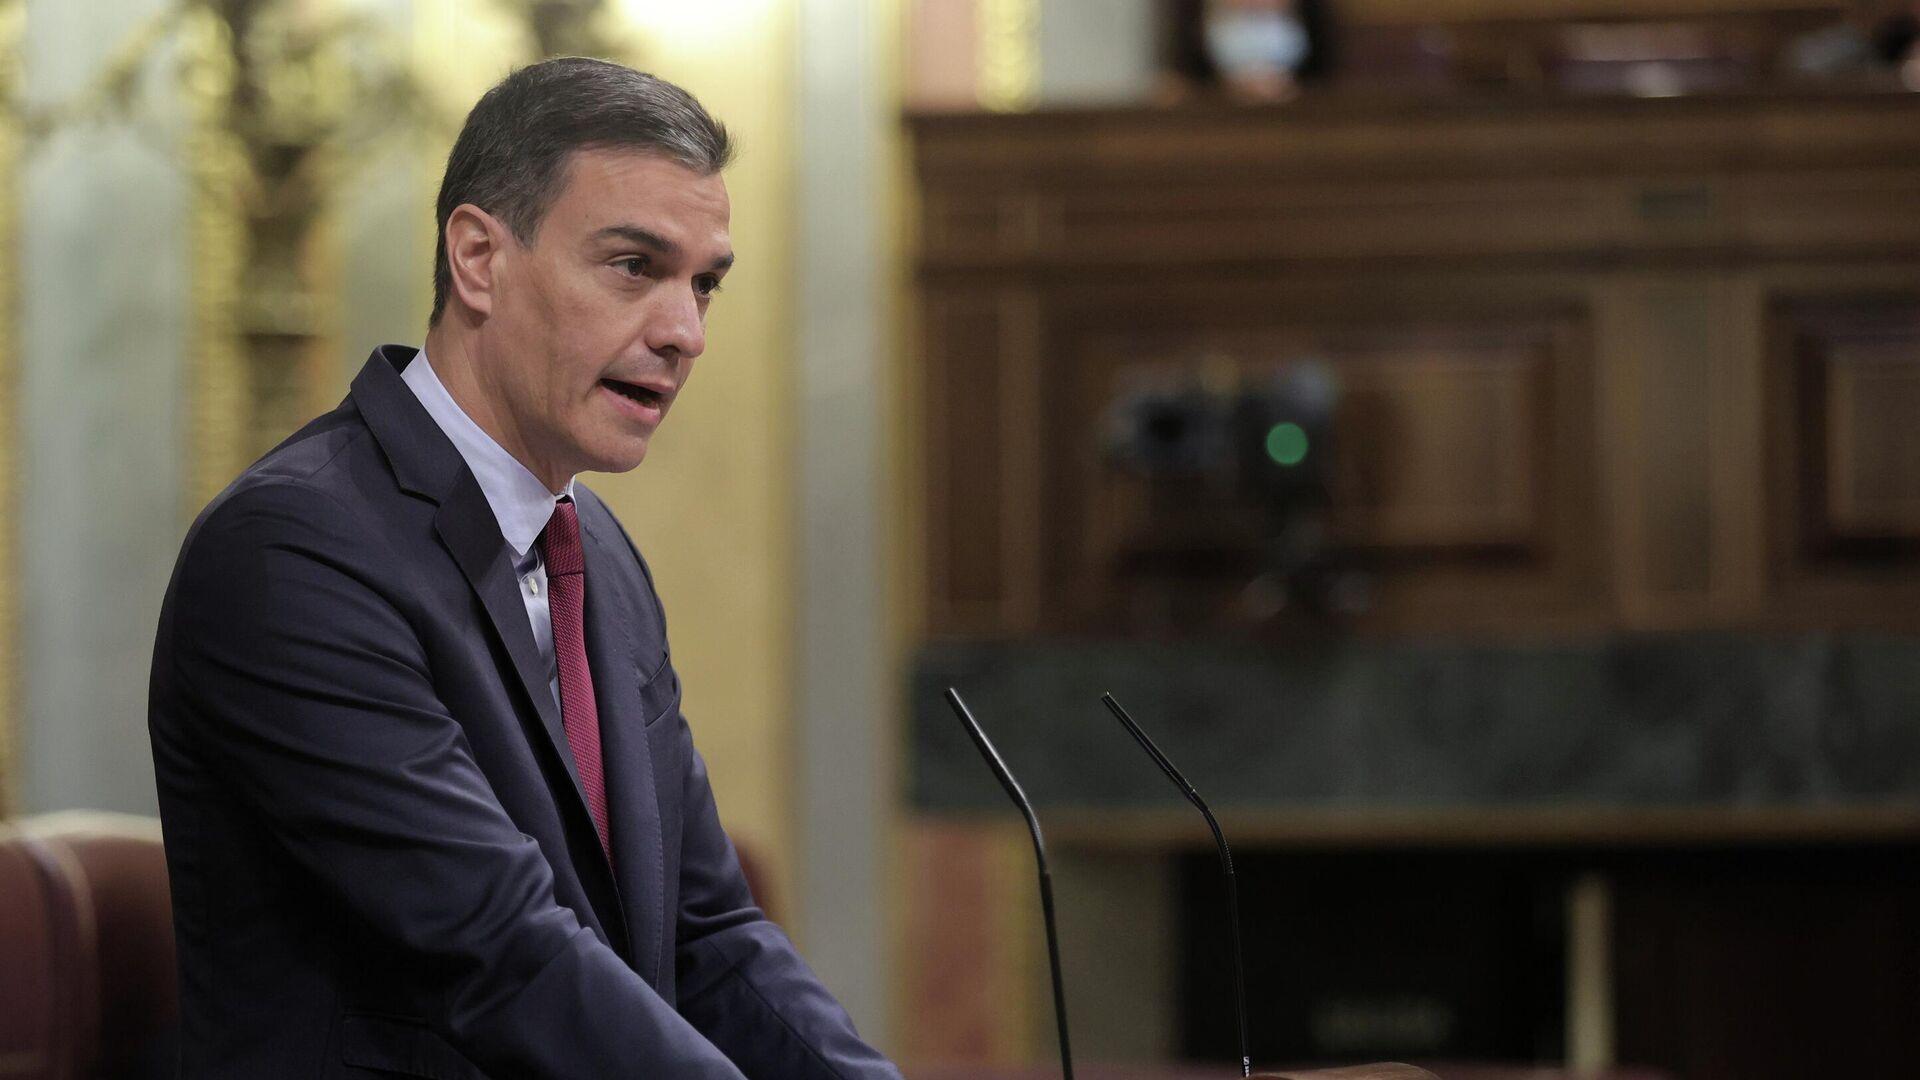 El presidente del Gobierno, Pedro Sánchez, en el Congreso de los Diputados - Sputnik Mundo, 1920, 04.08.2021